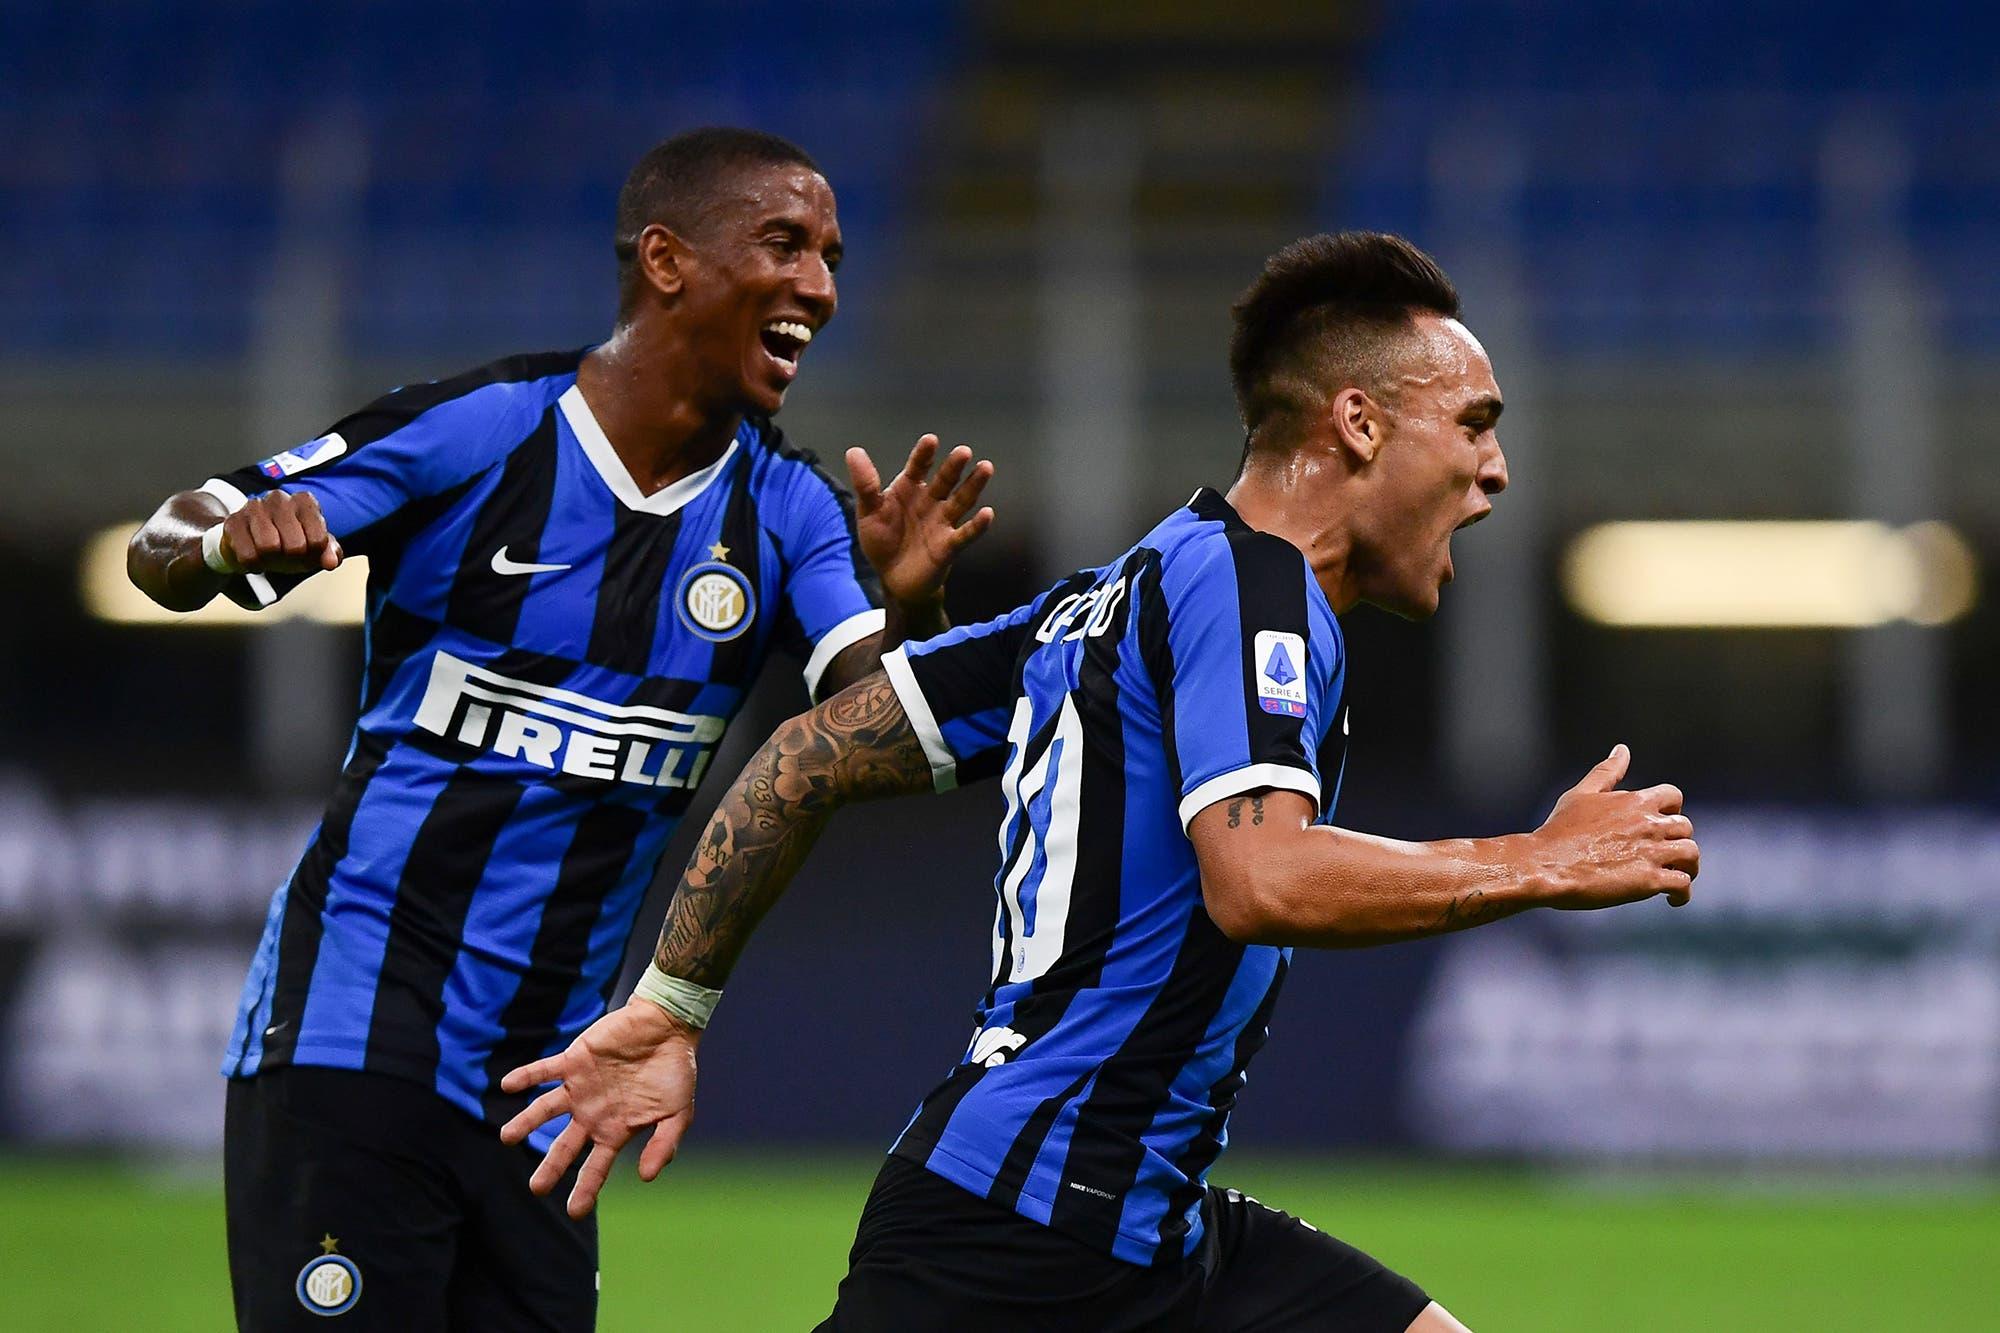 Inter-Torino, por la Serie A de Italia: Un gol y una asistencia de Lautaro Martínez en el triunfo y la vuelta a la titularidad